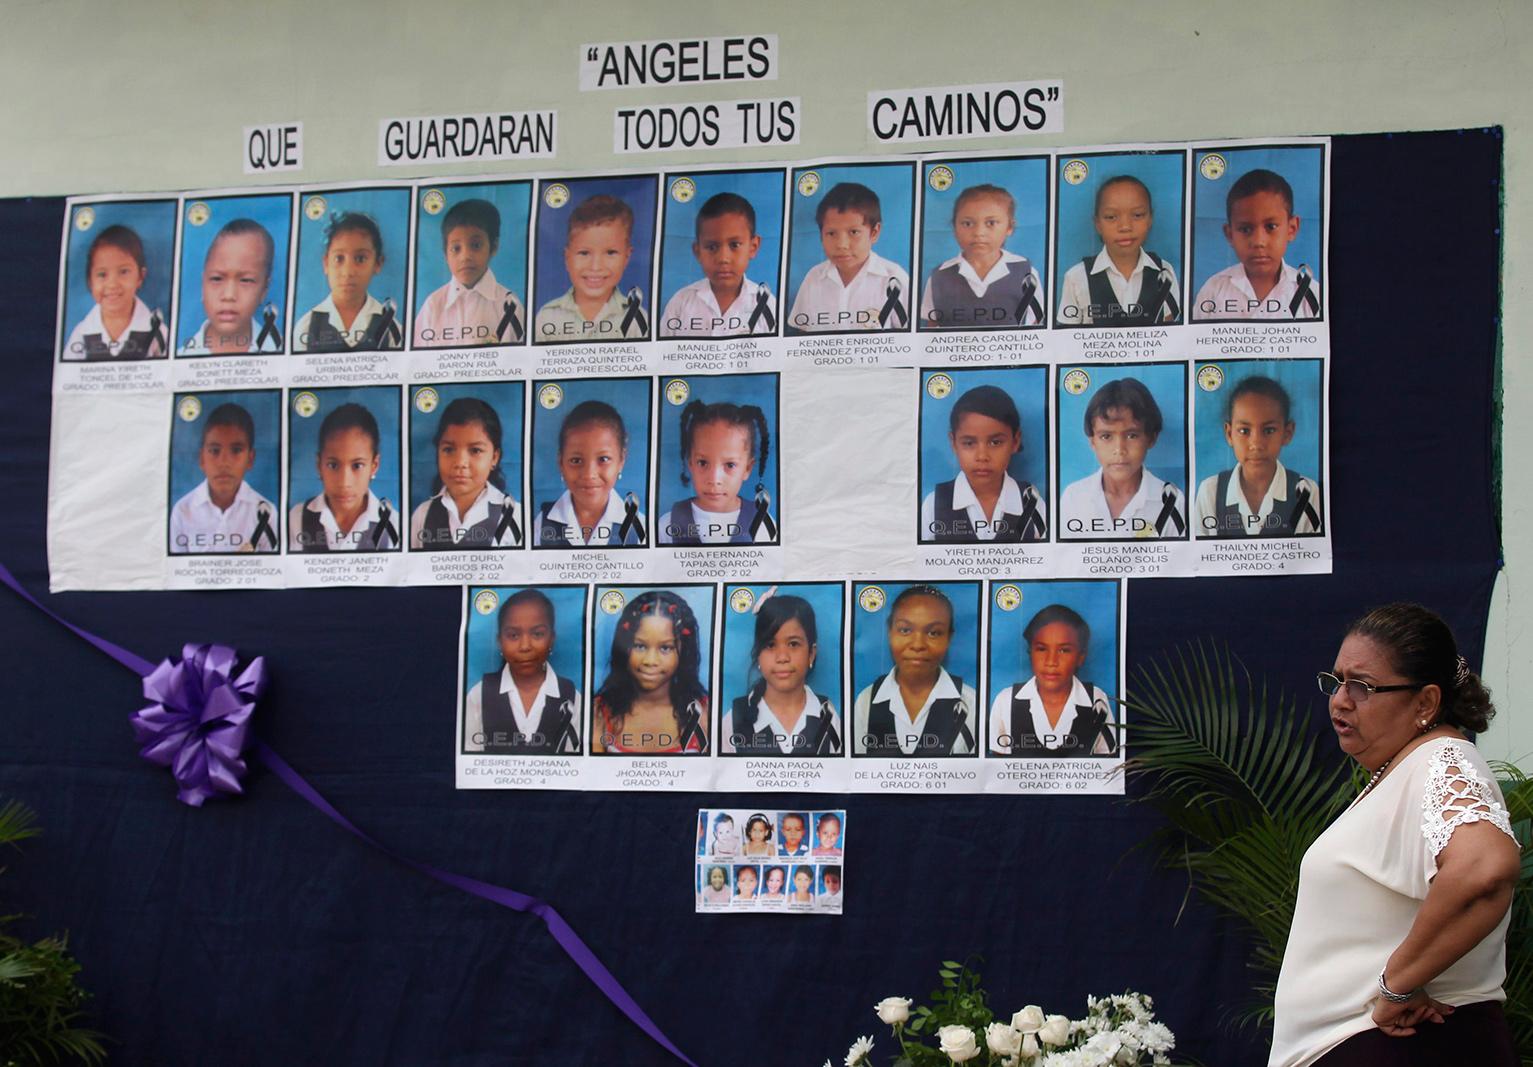 Incrementa la cifra de niños muertos por incendio de autobús en Colombia